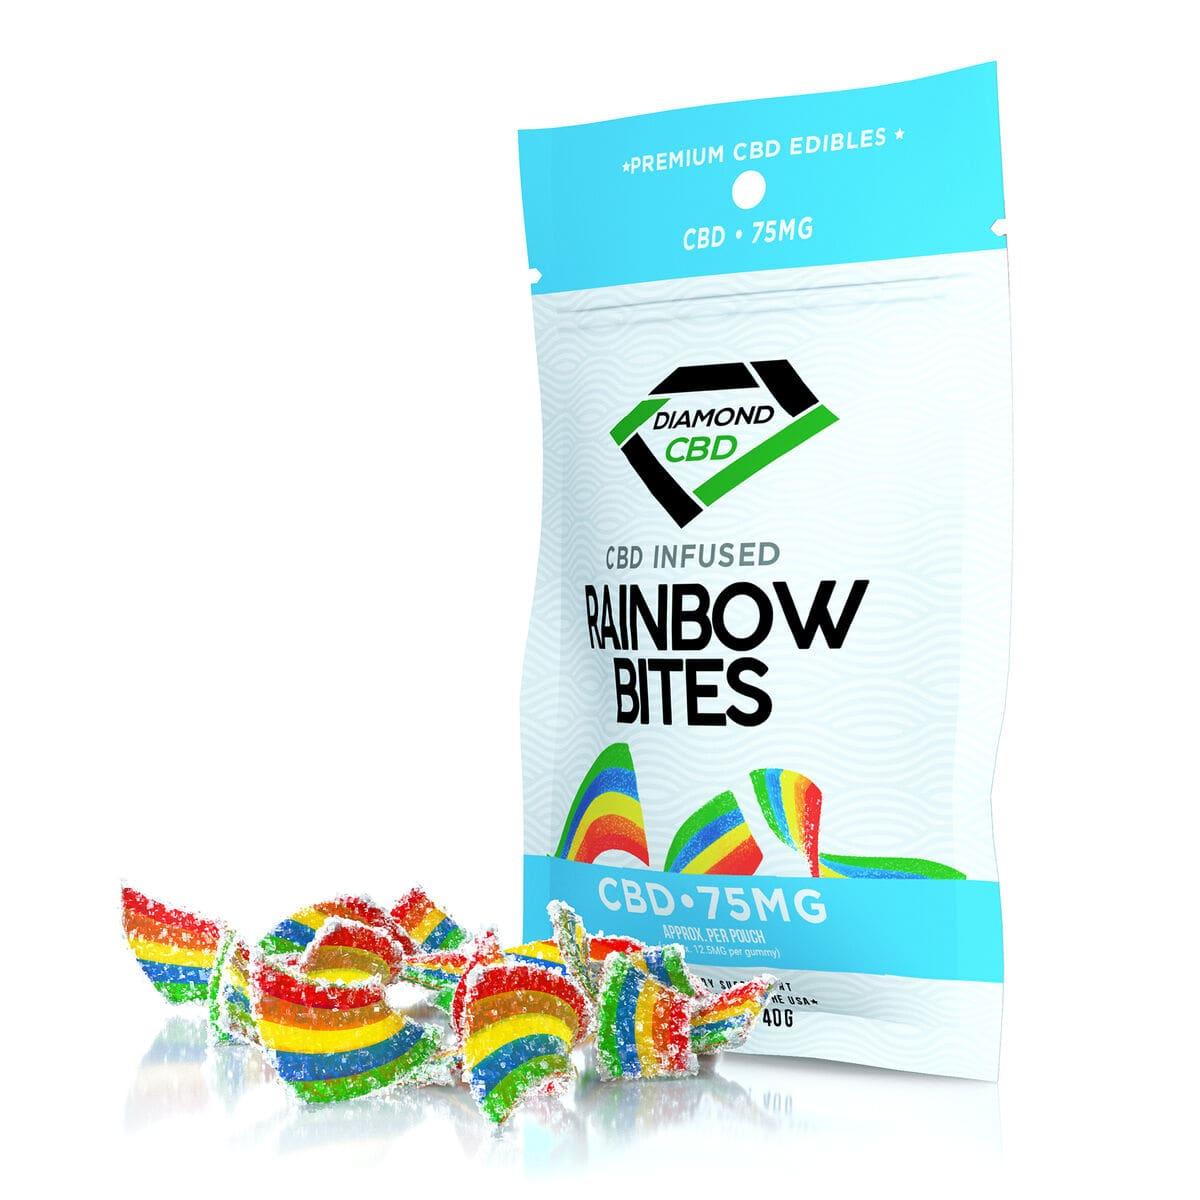 diamond-cbd-gummies-infused-rainbow-bites-75mg_0 (1)